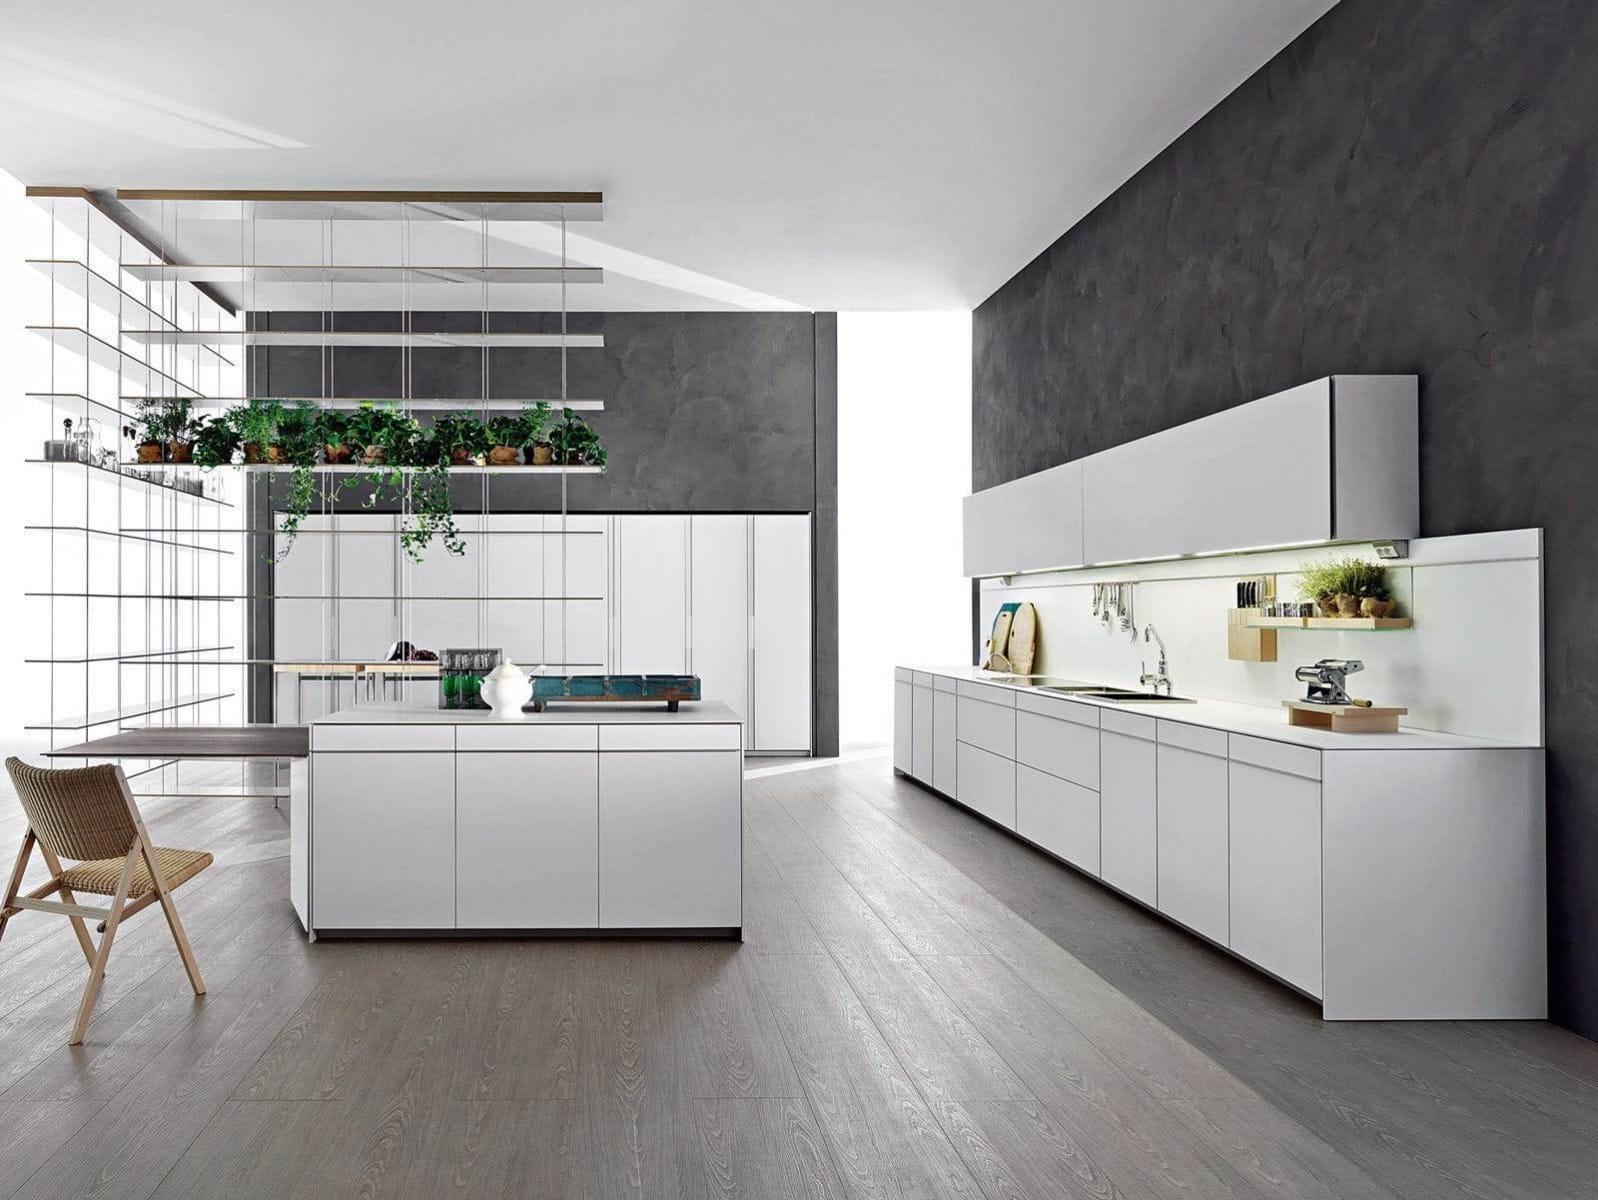 Зонировать пространство кухни, не загромождая её при этом, можно с помощью высокого вертикального стеллажа